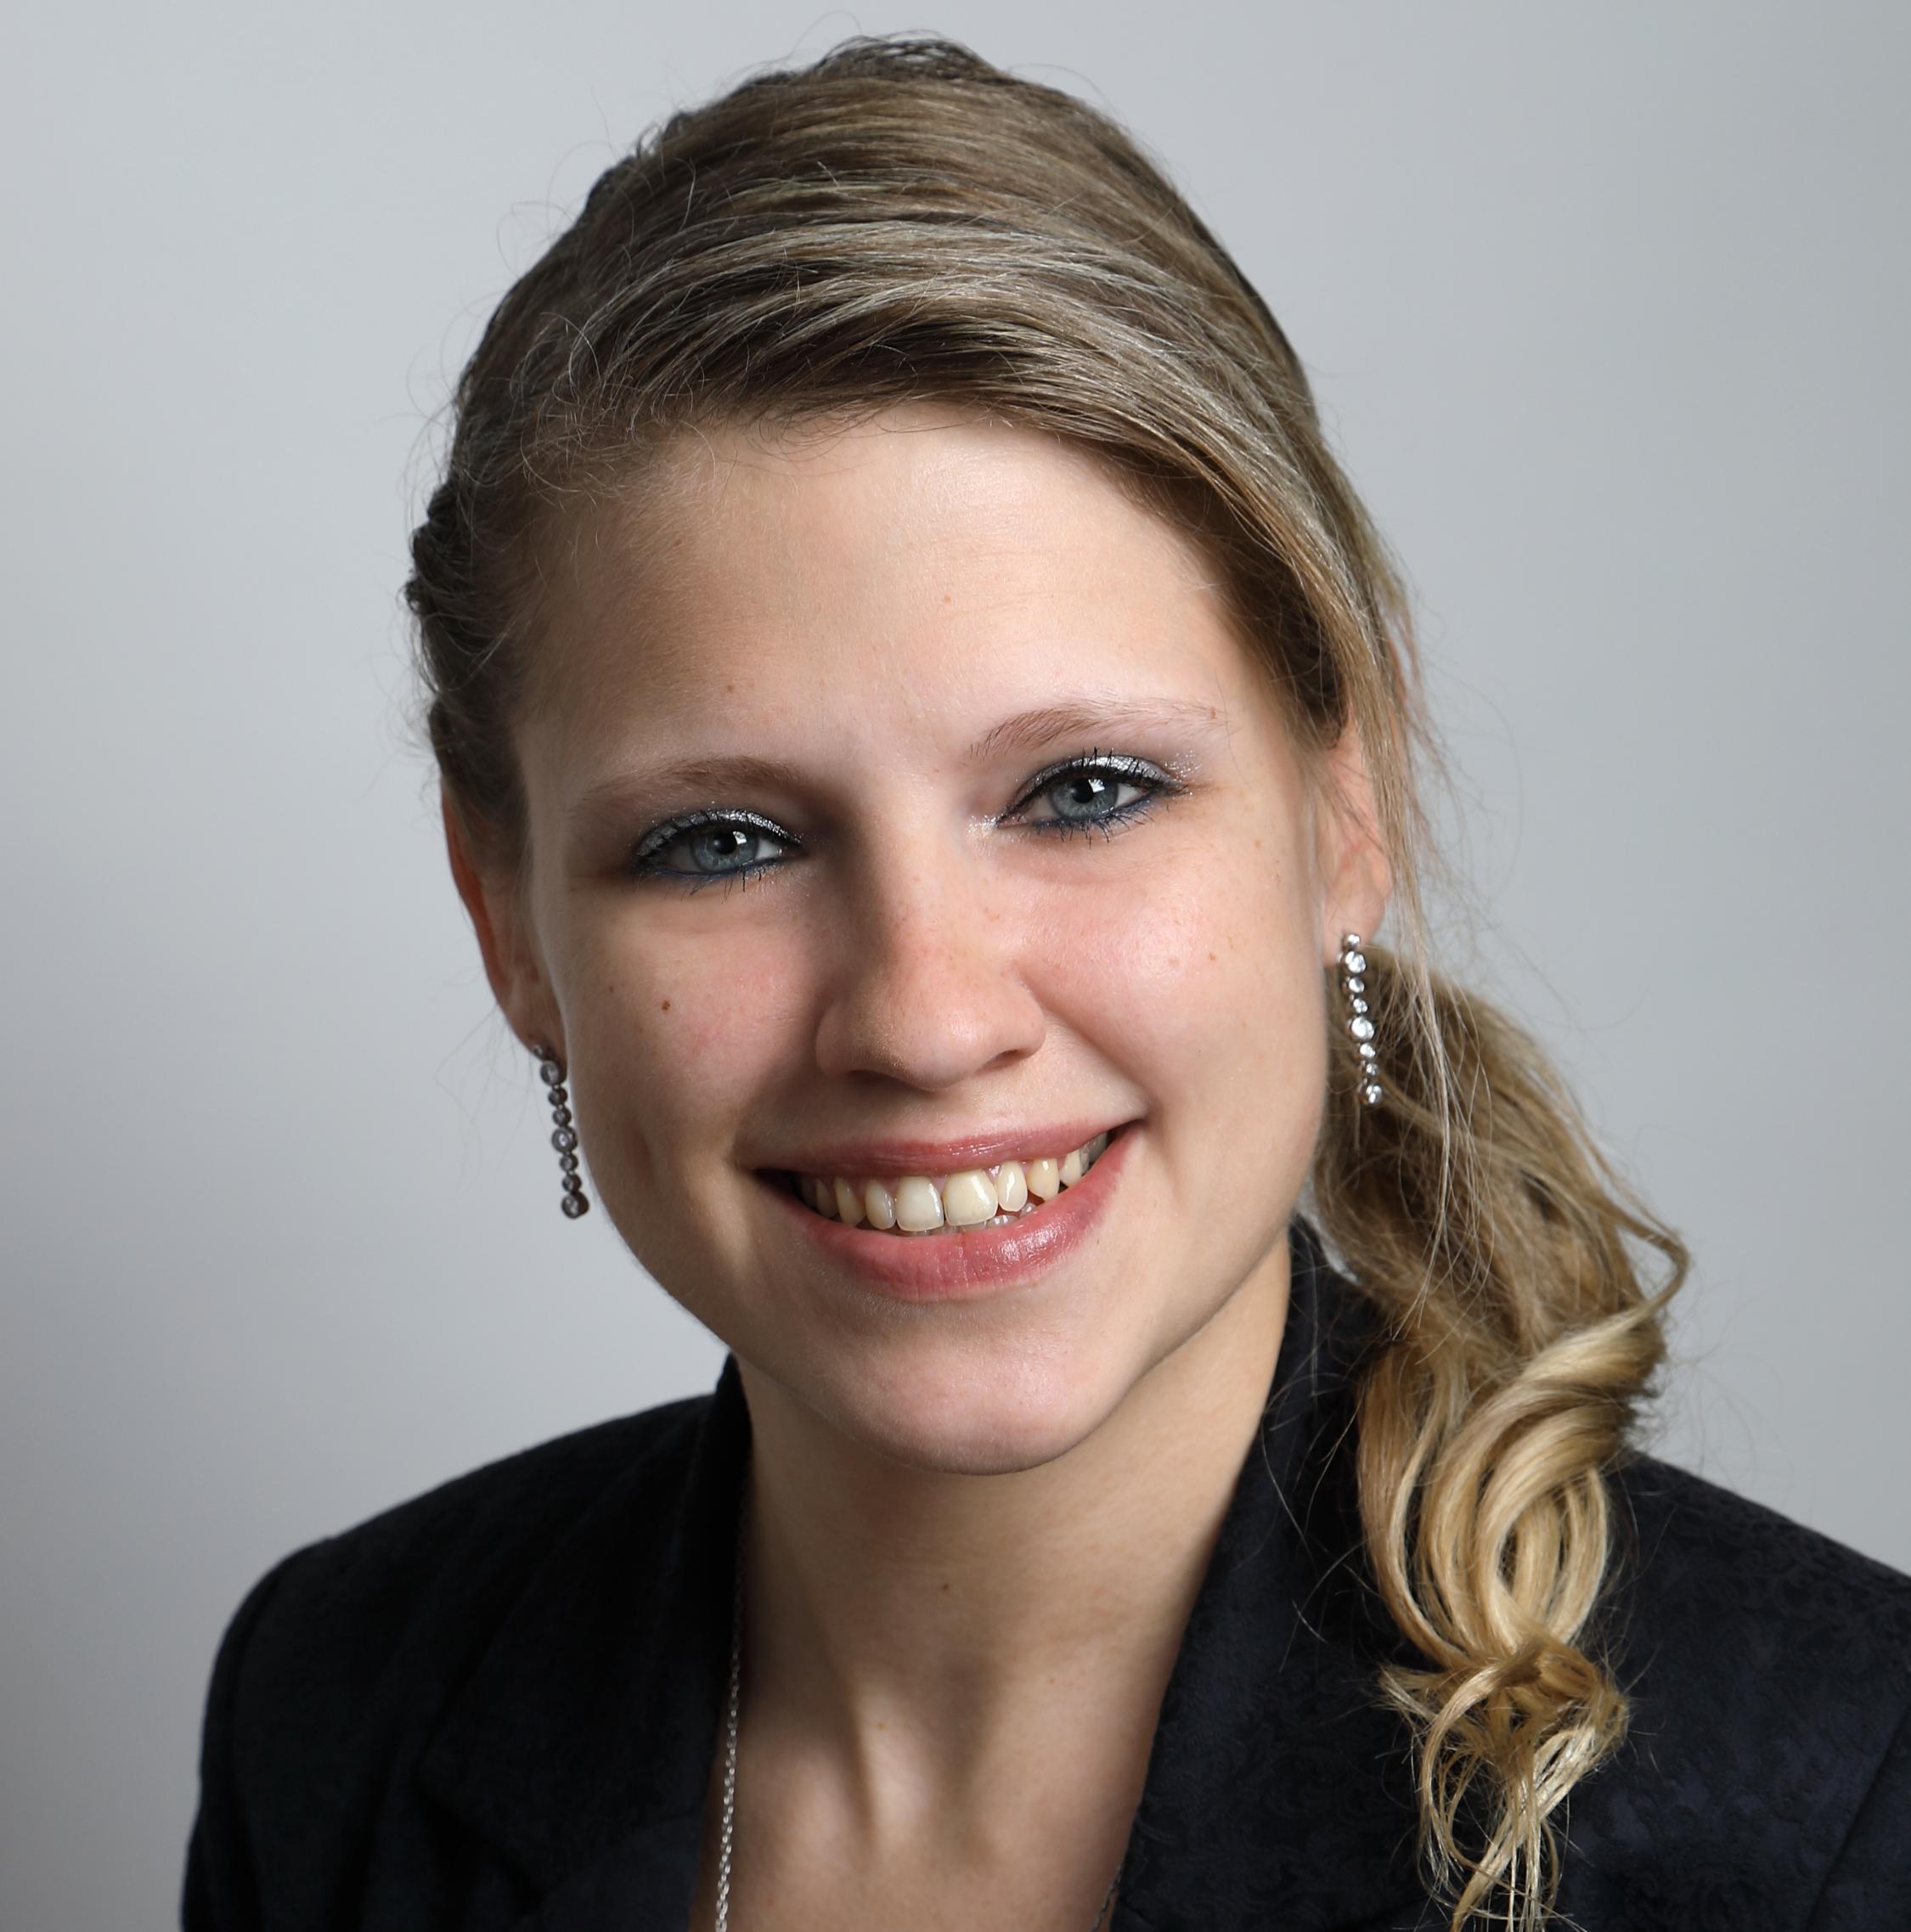 Christina Ilgner